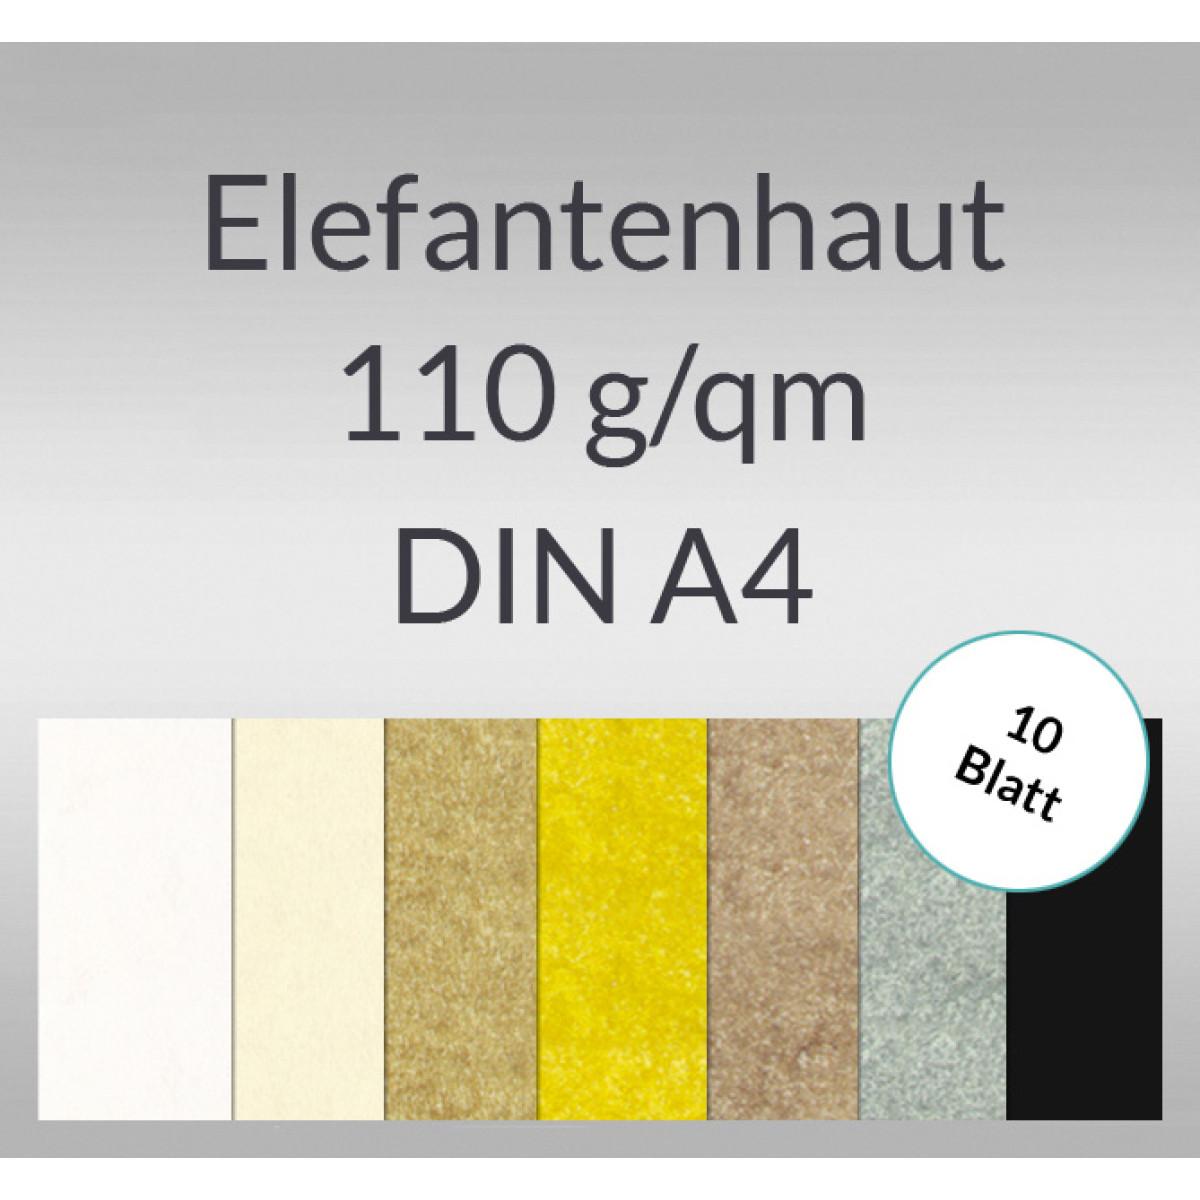 Elefantenhaut 110 g/qm DIN A4 - 10 Blatt